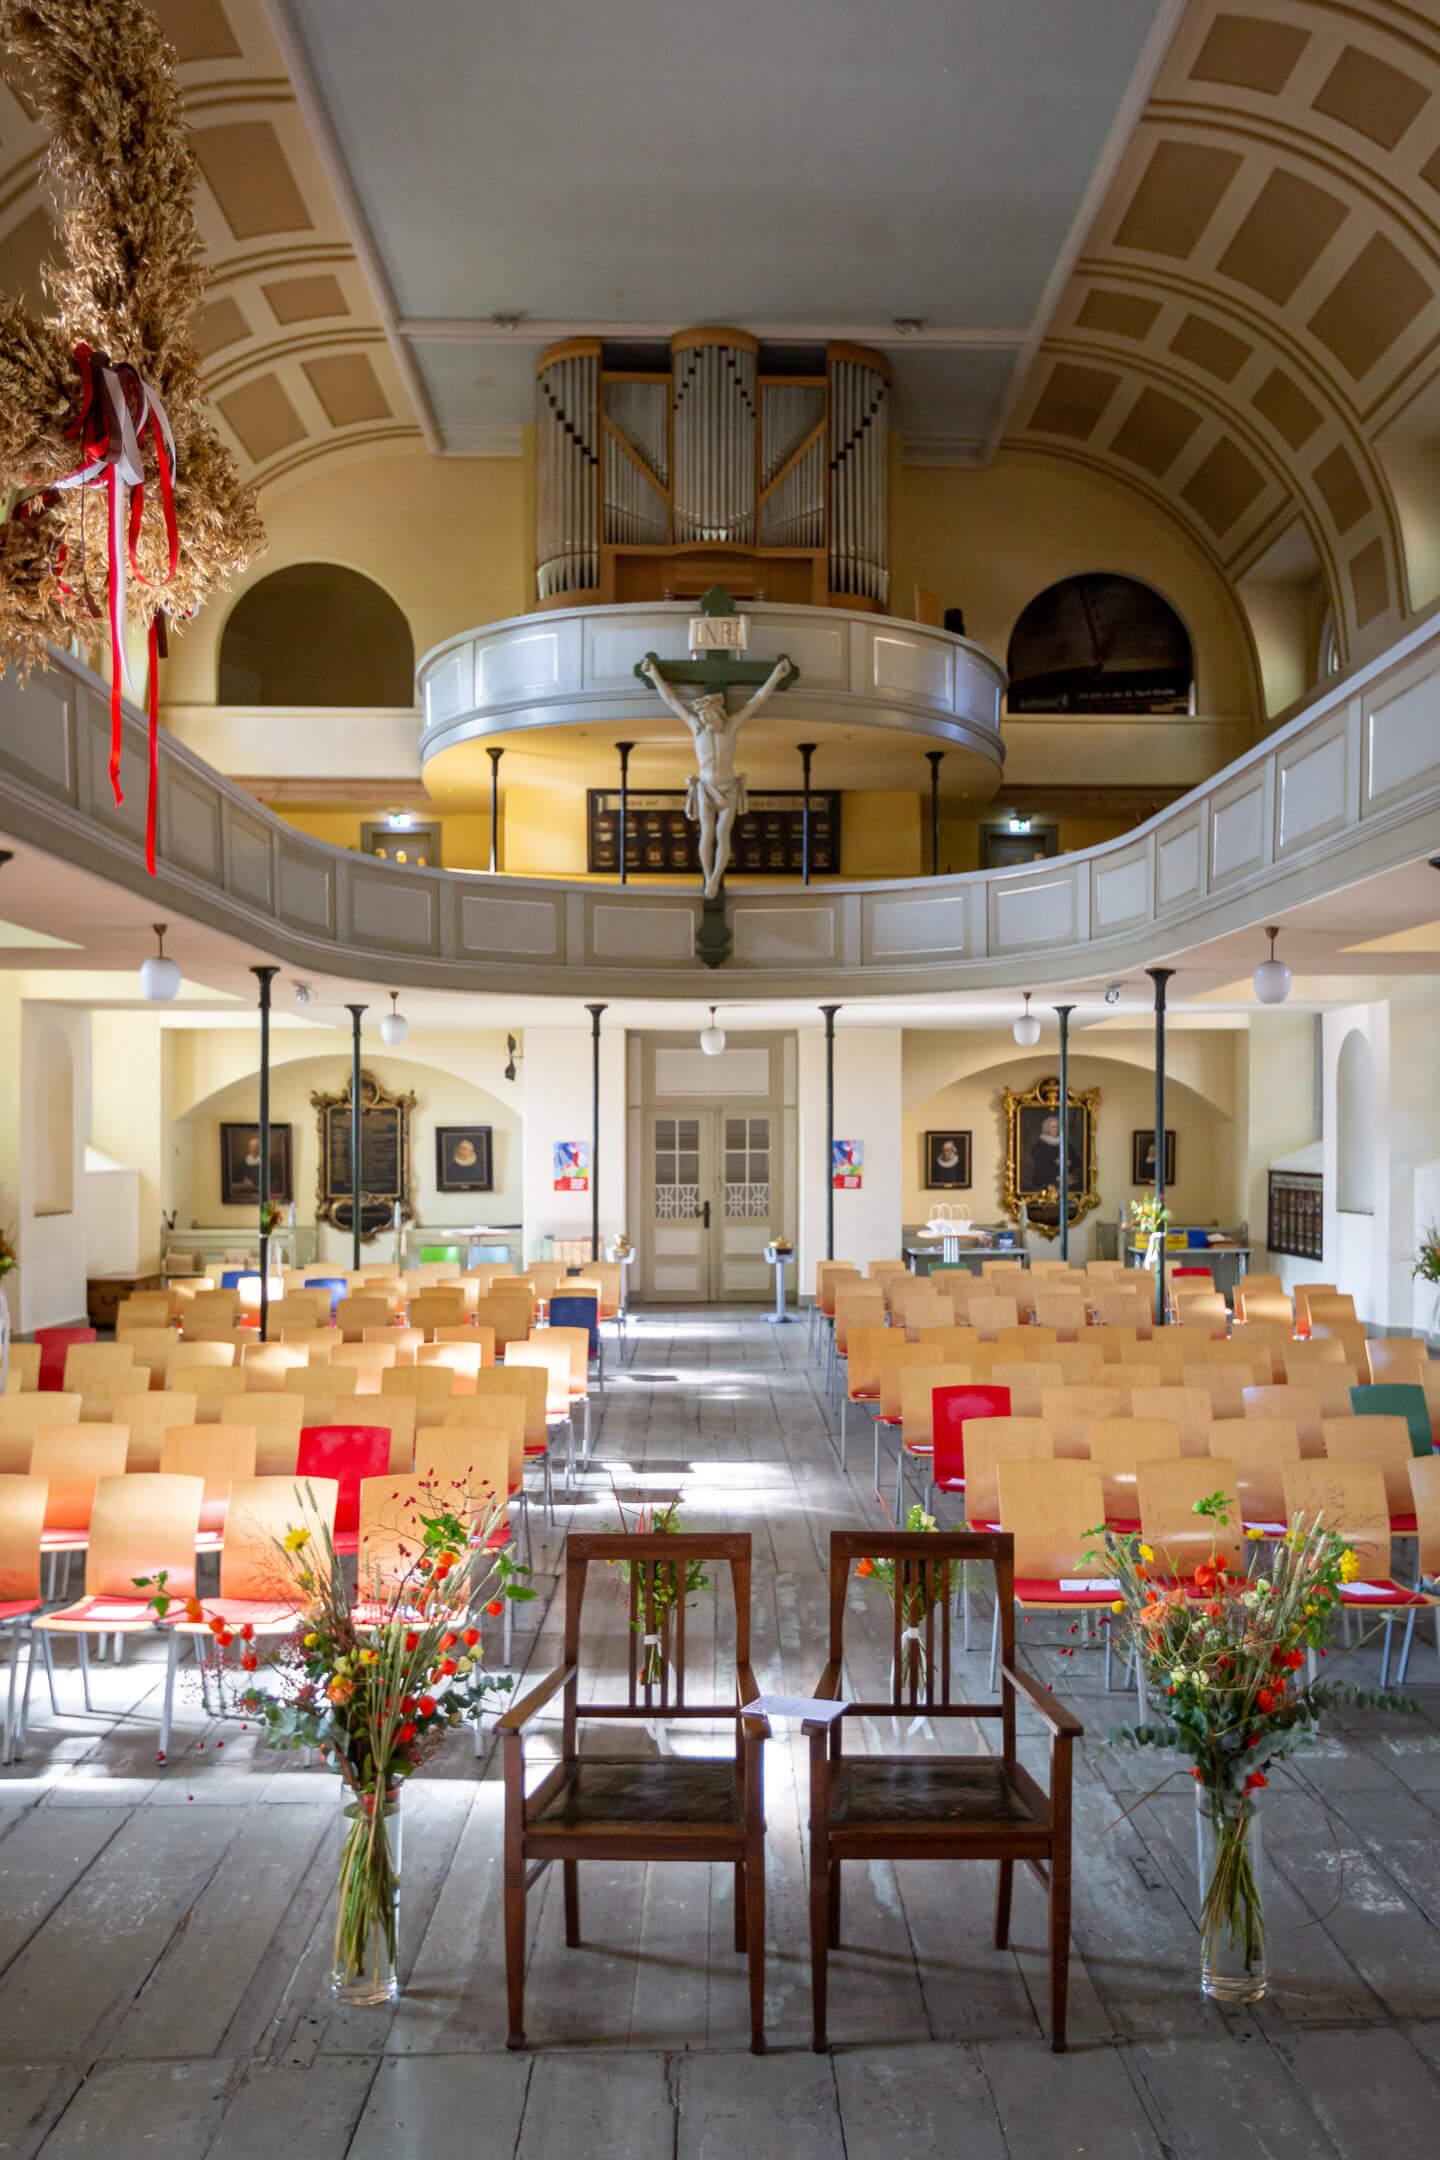 St. Pauli Kirche von innen